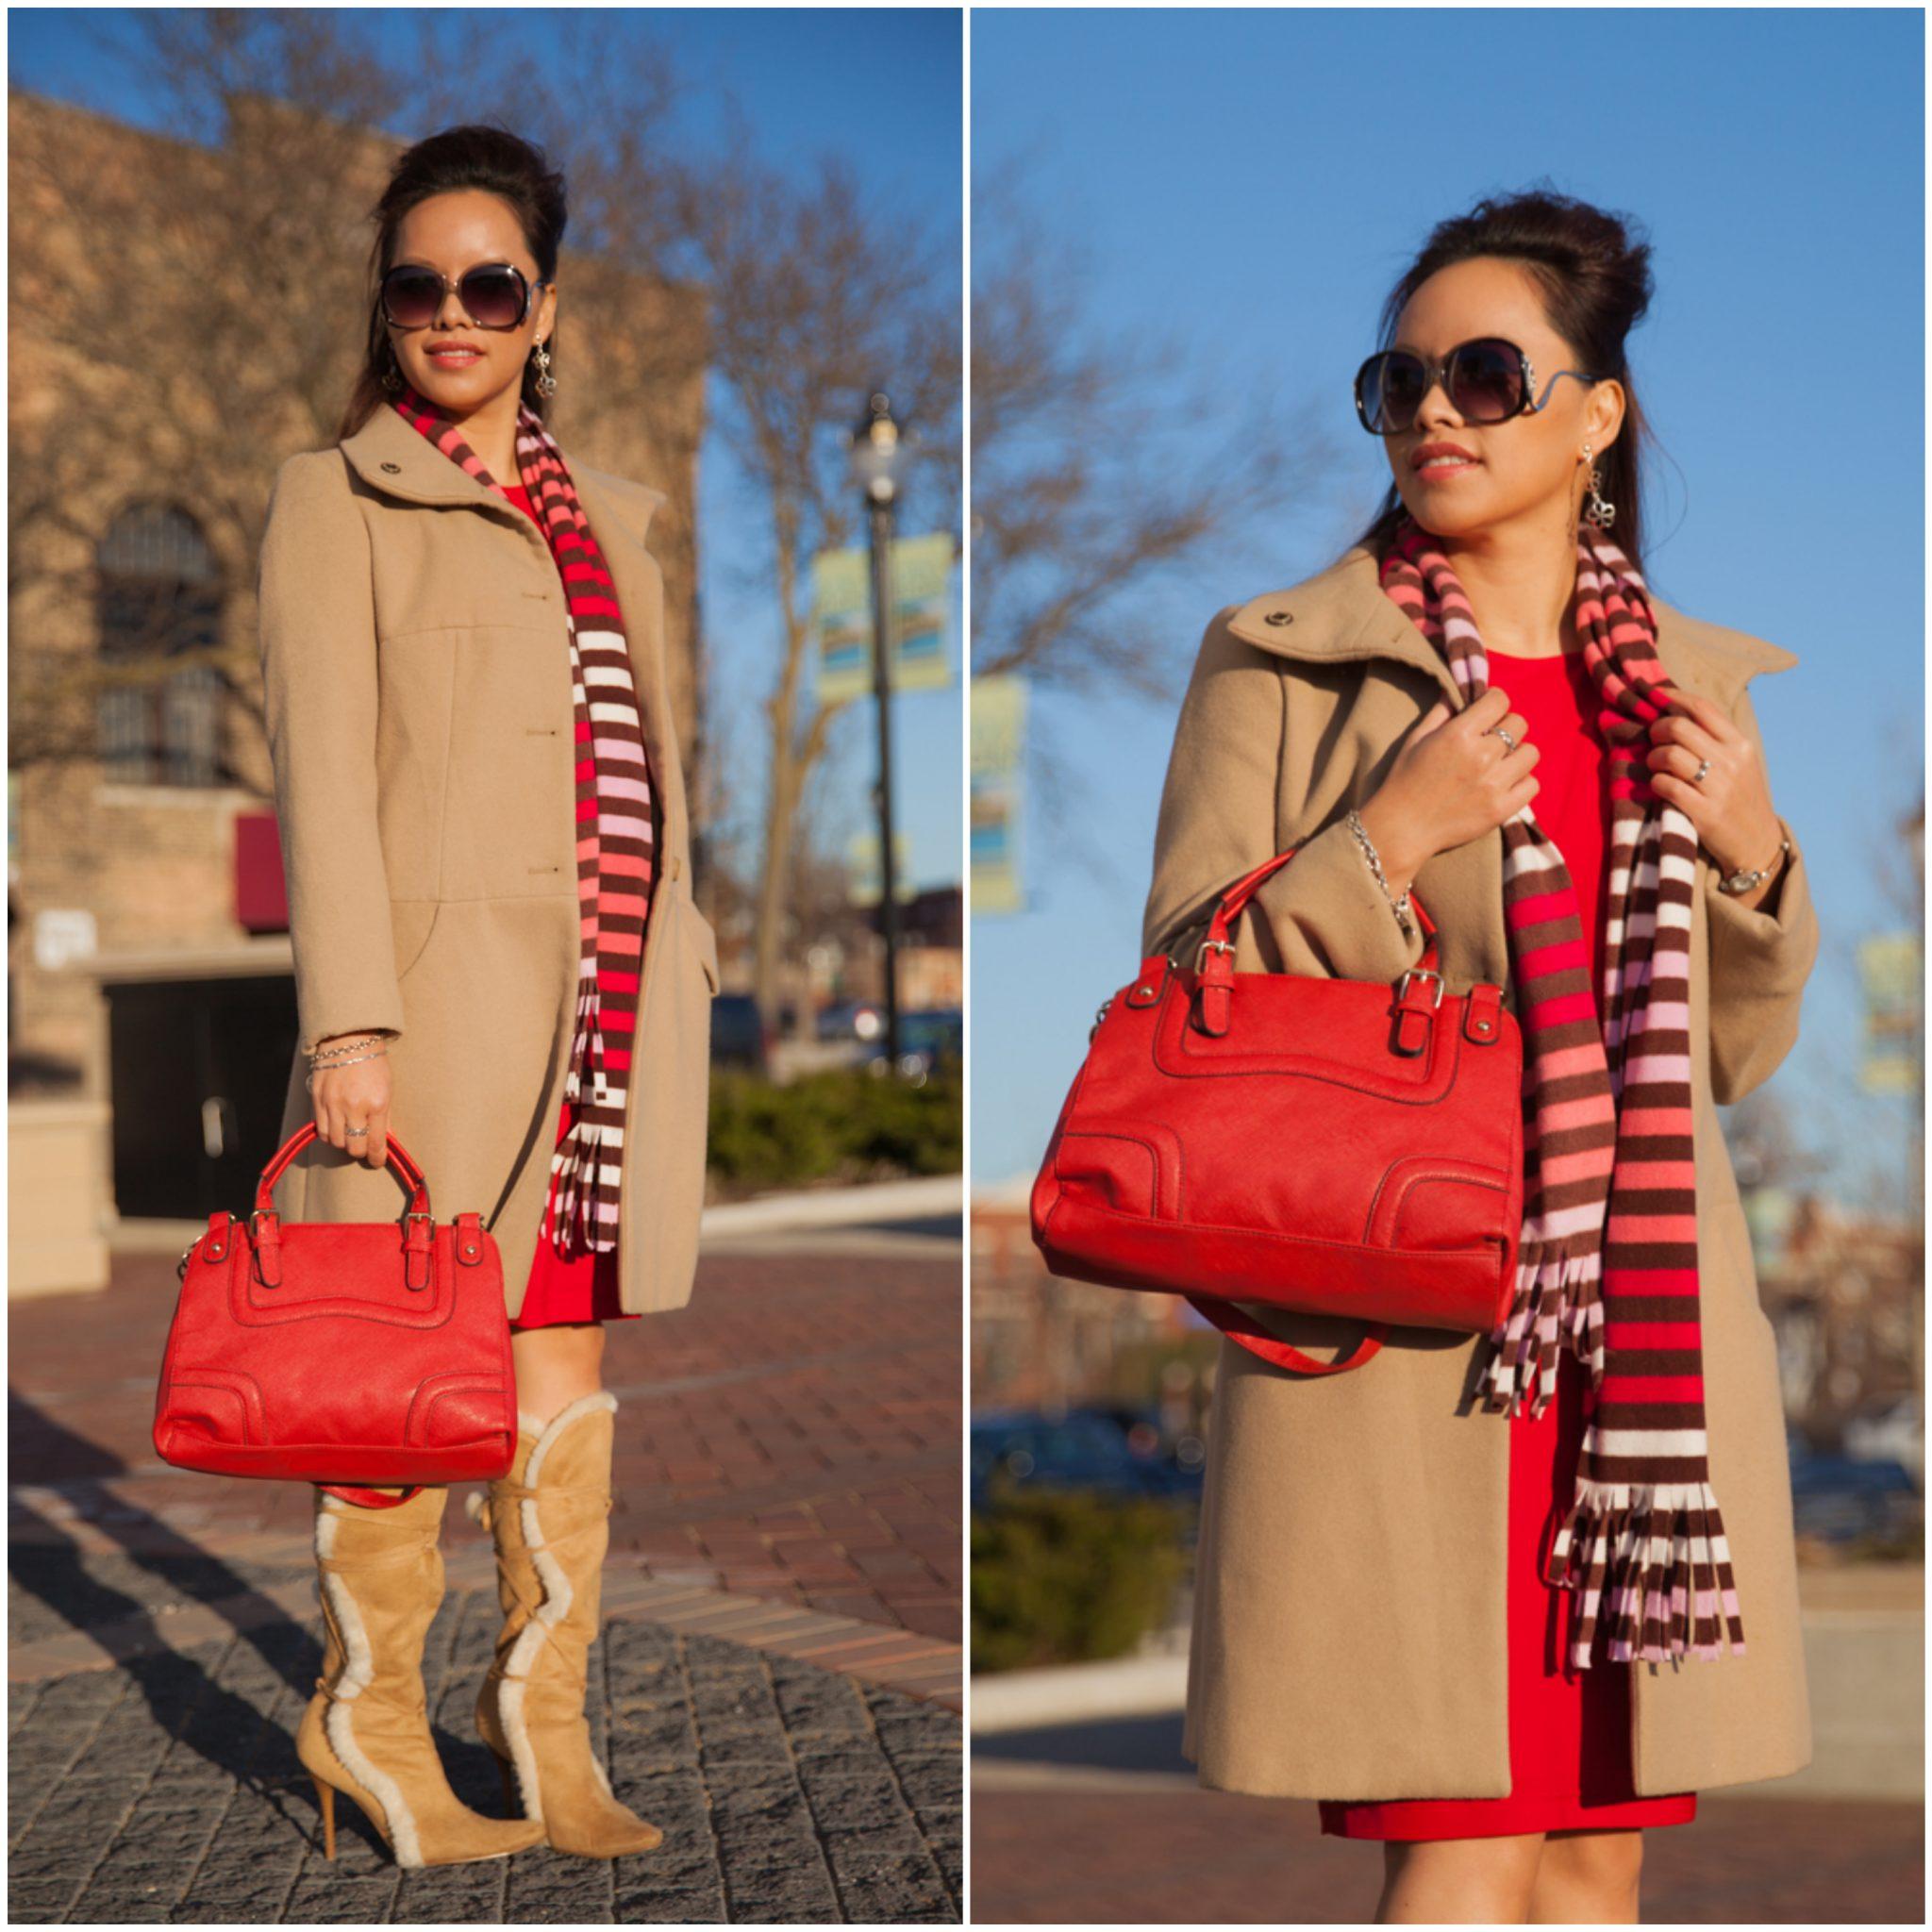 instagram-@pslilyboutique-fashion-blogger